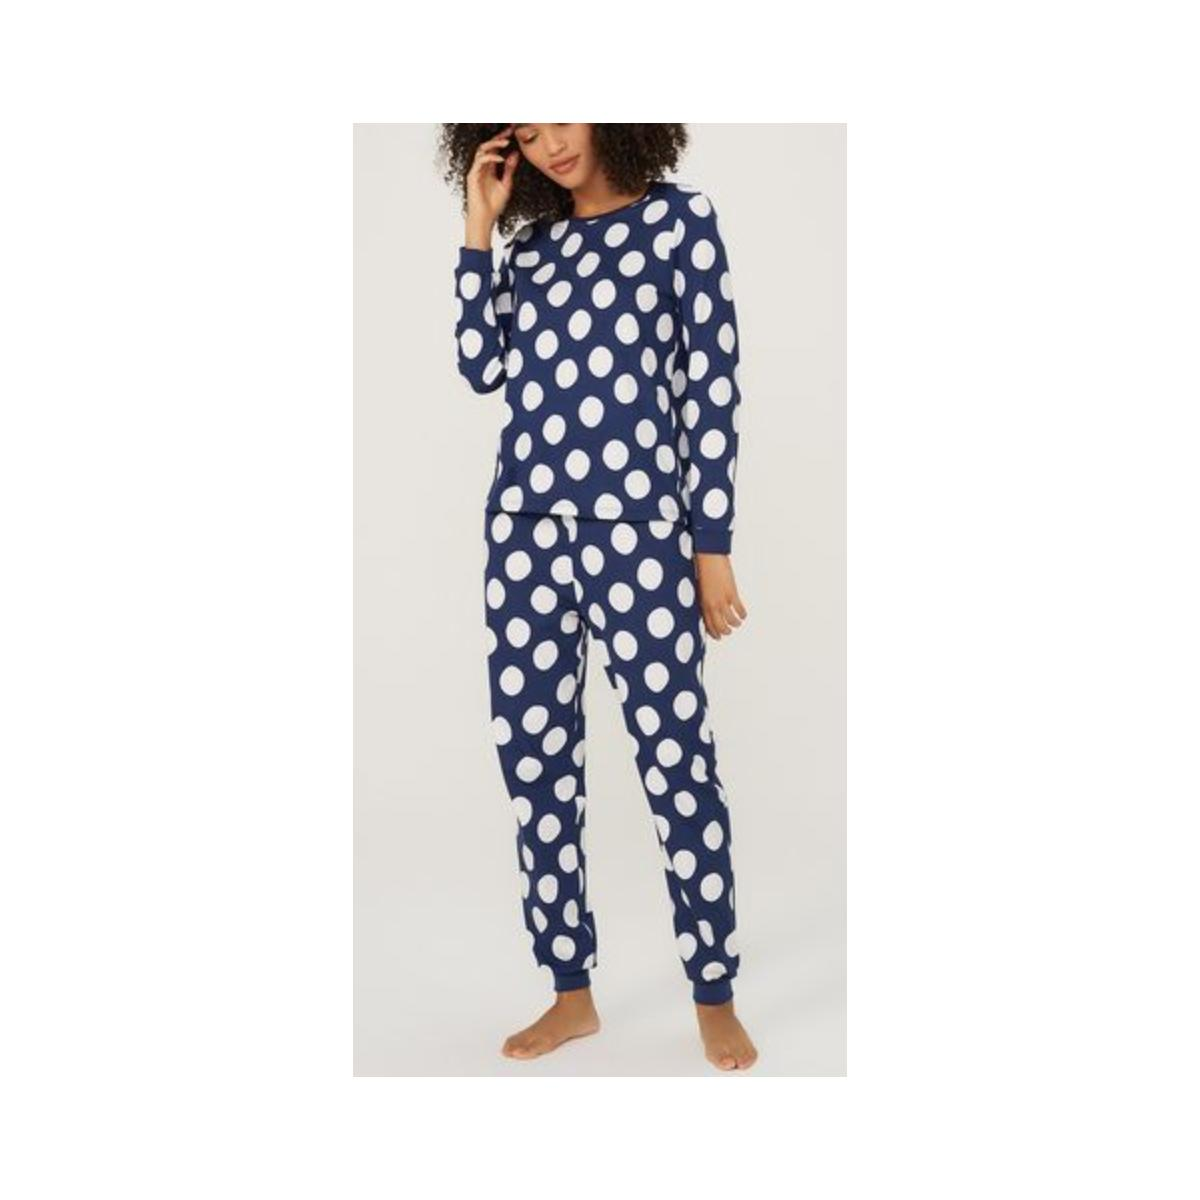 Pijama Feminina Hering 7cfy 1aen Marinho Poa